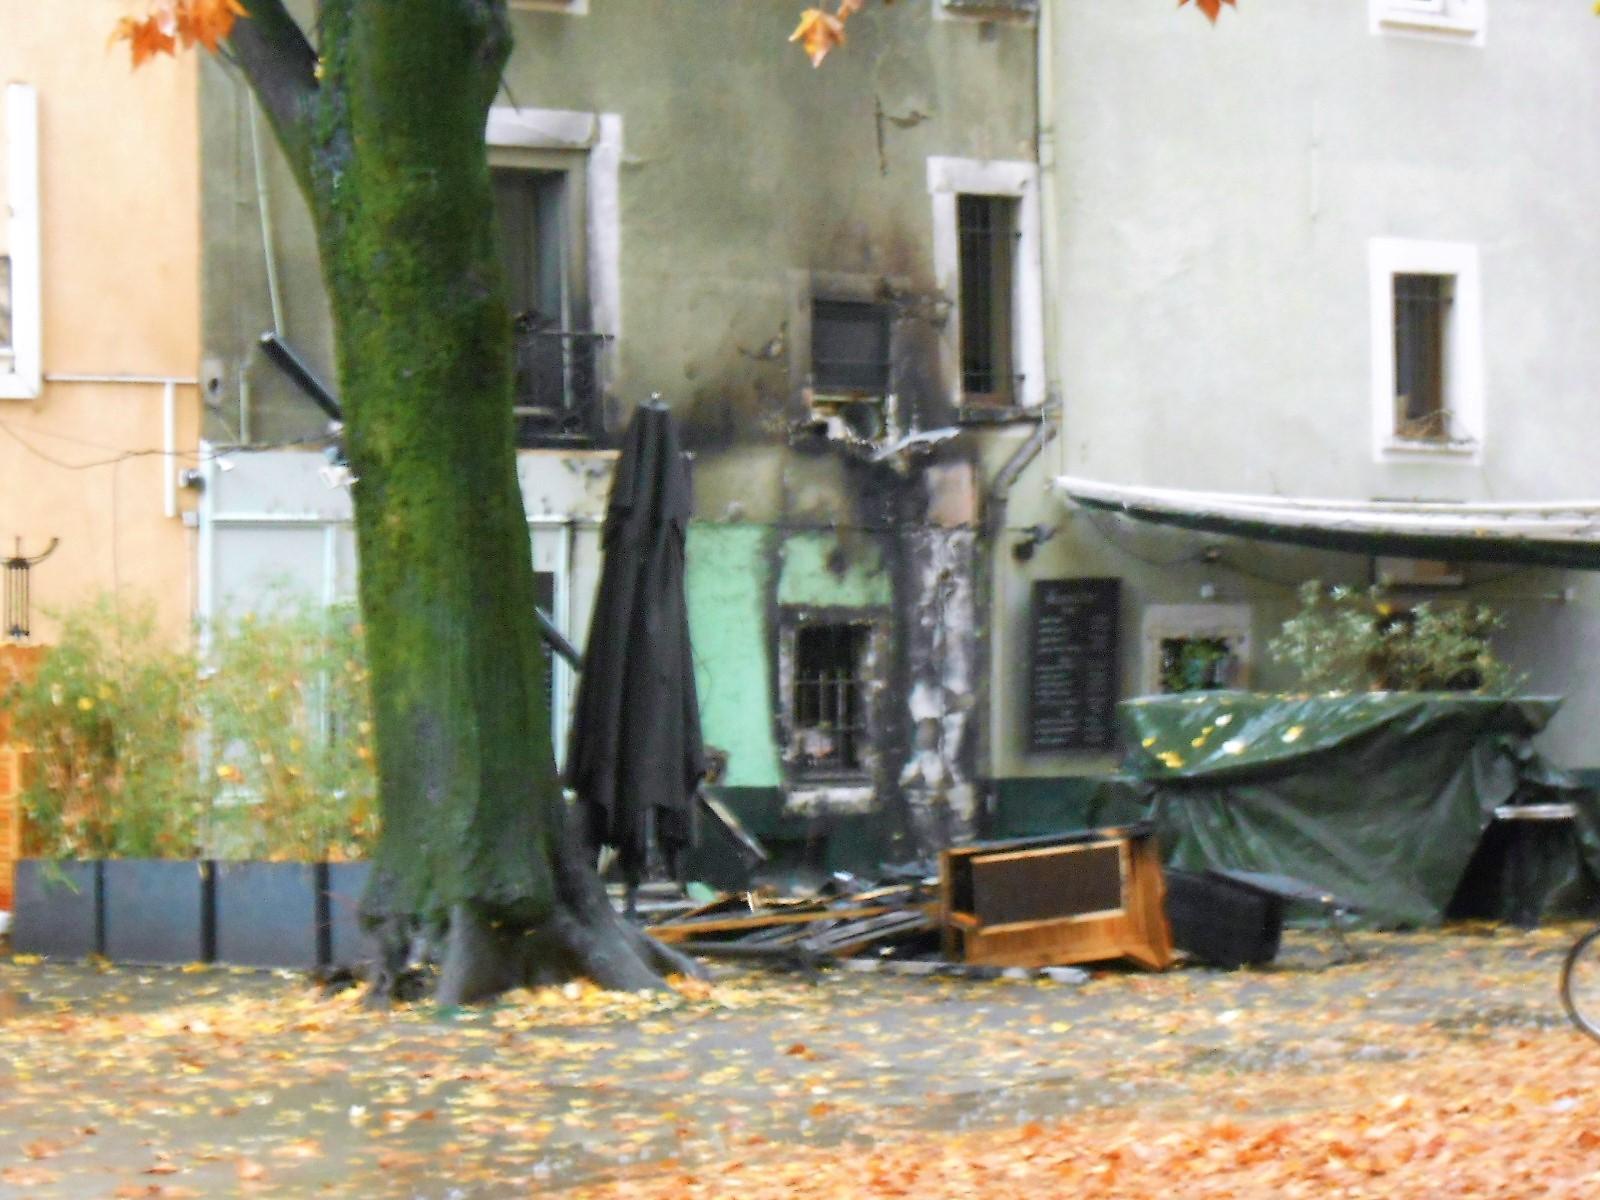 Le feu ce matin au jardin de ville et rue montorge grenoble le changement - Creche jardin de ville grenoble ...